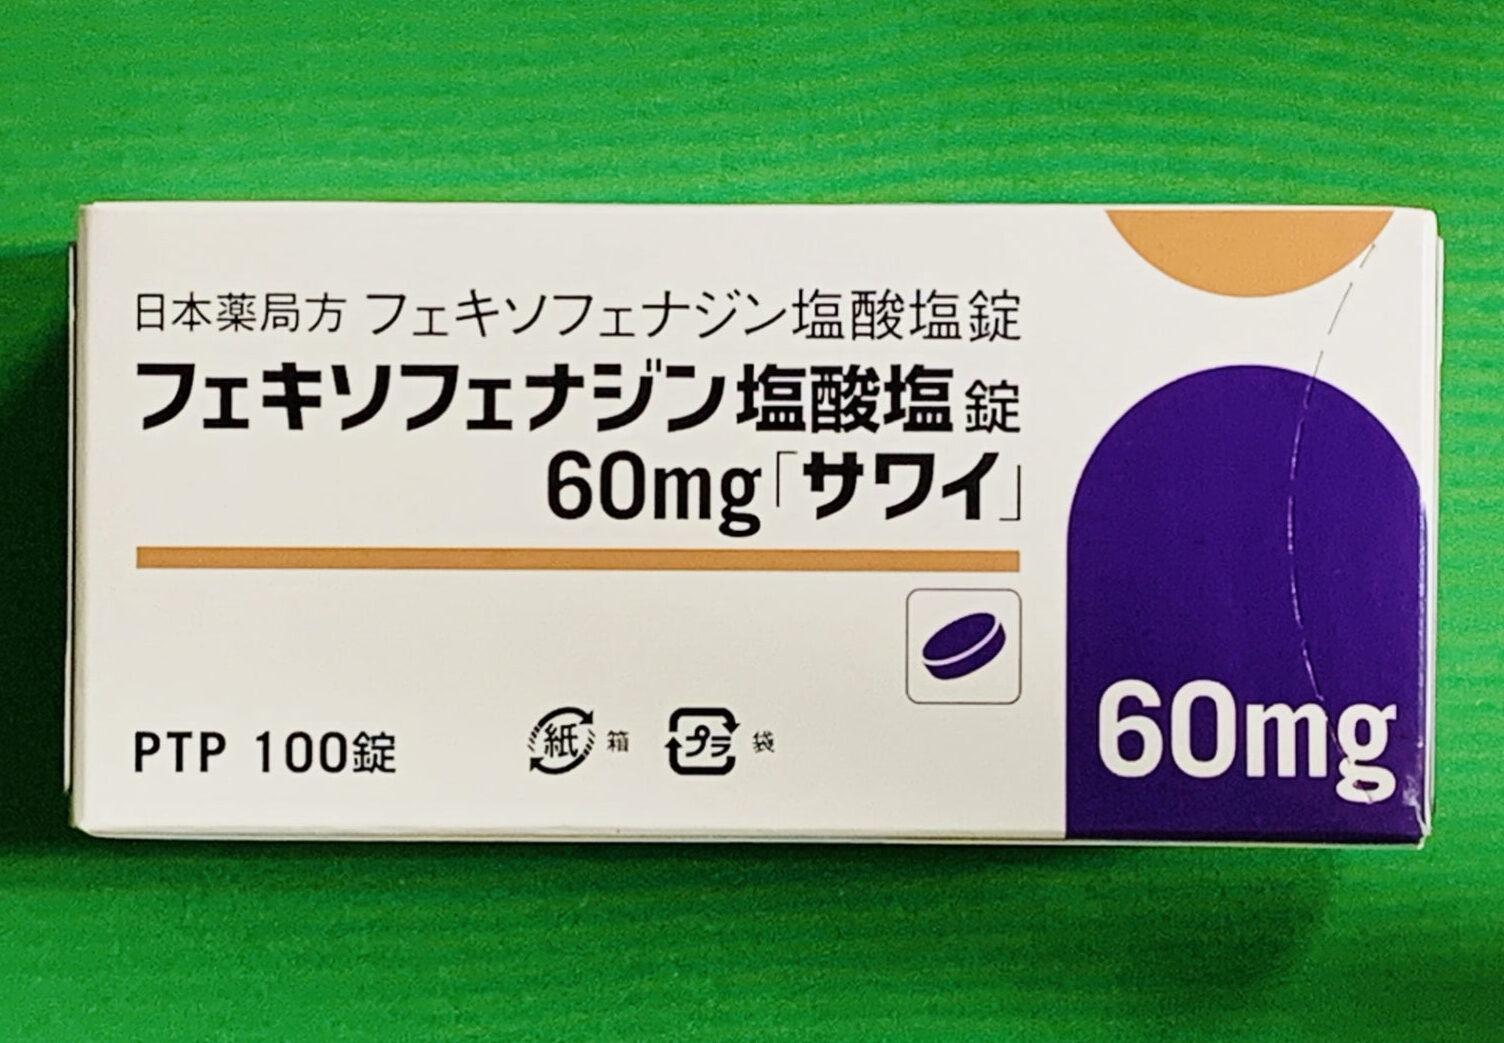 フェキソフェナジン塩酸塩錠60mg「サワイ」